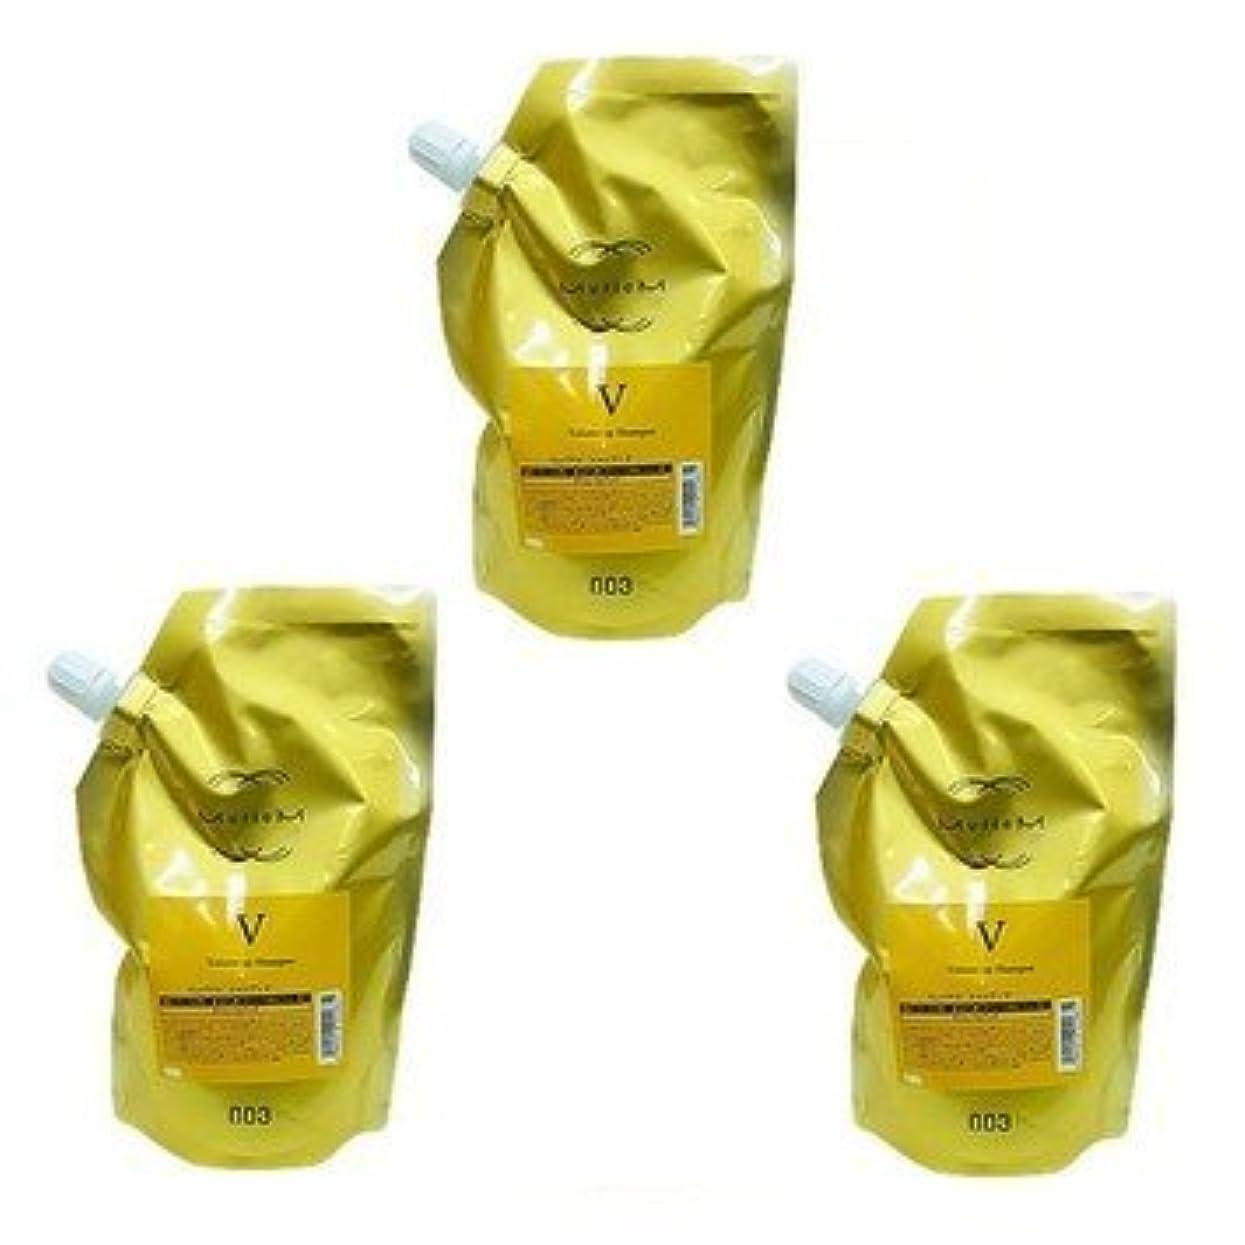 処方誰マラドロイト【X3個セット】 ナンバースリー ミュリアム ゴールド シャンプー V 500ml 詰替え用